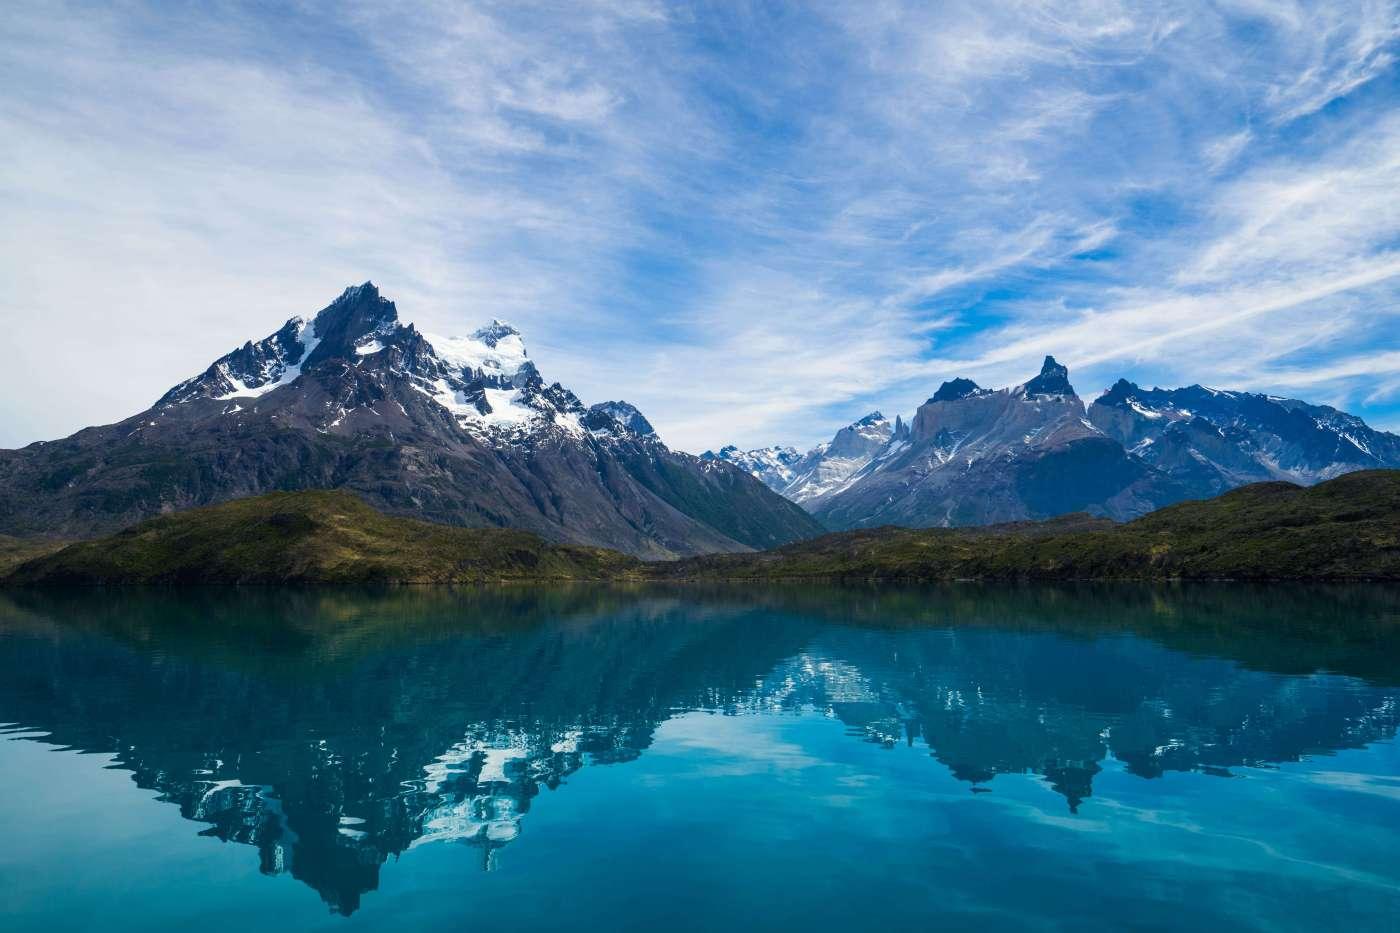 Torres del Paine (W Trek), Chile